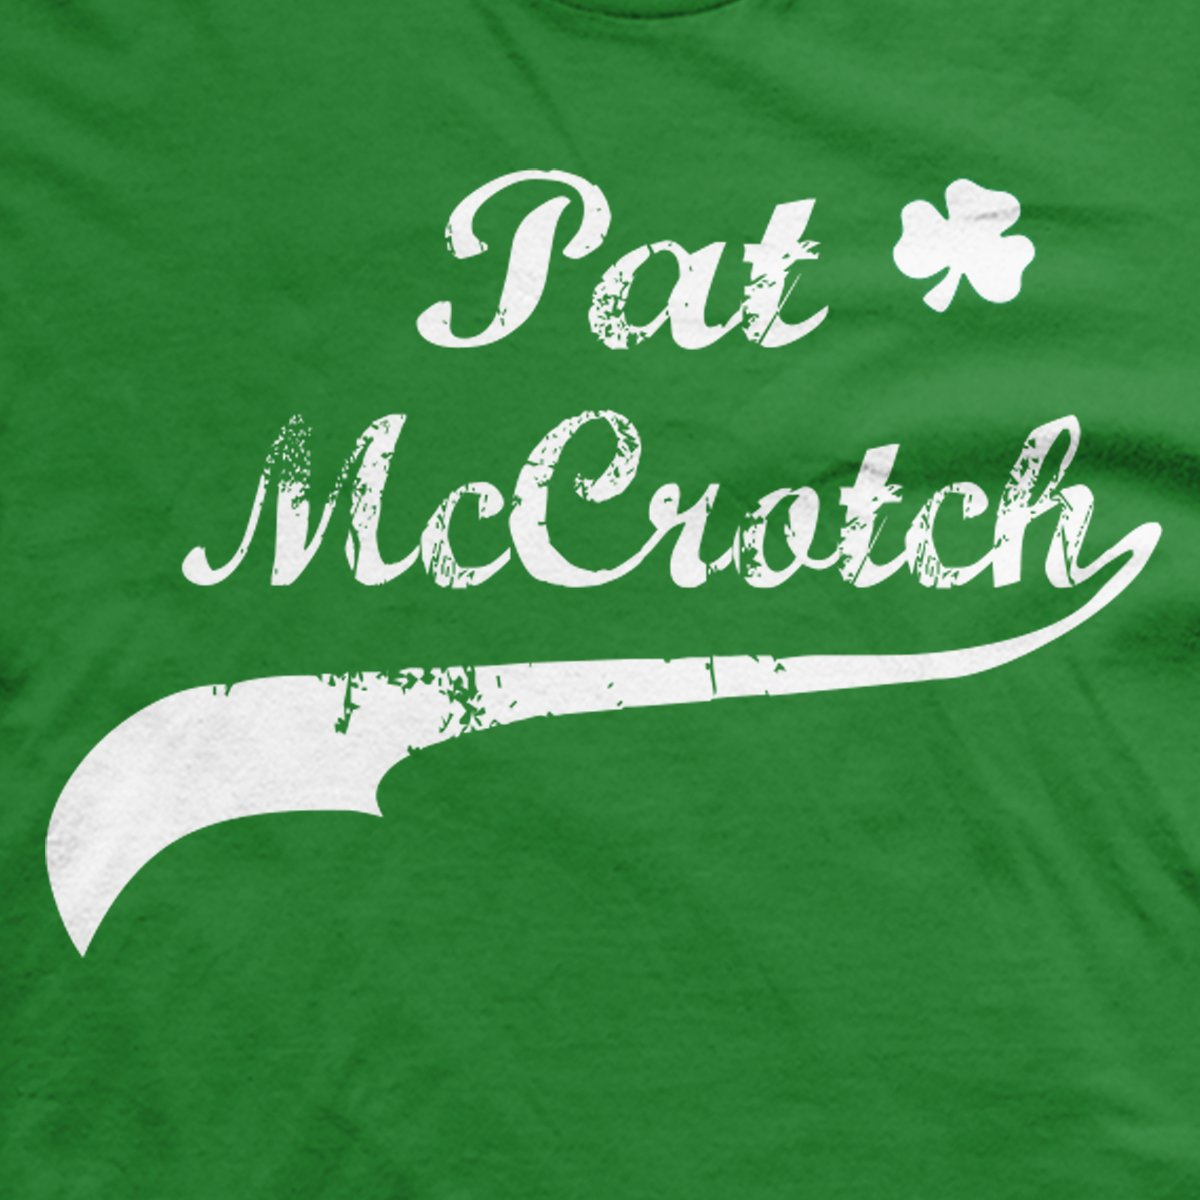 Pat McCrotch t-shirt